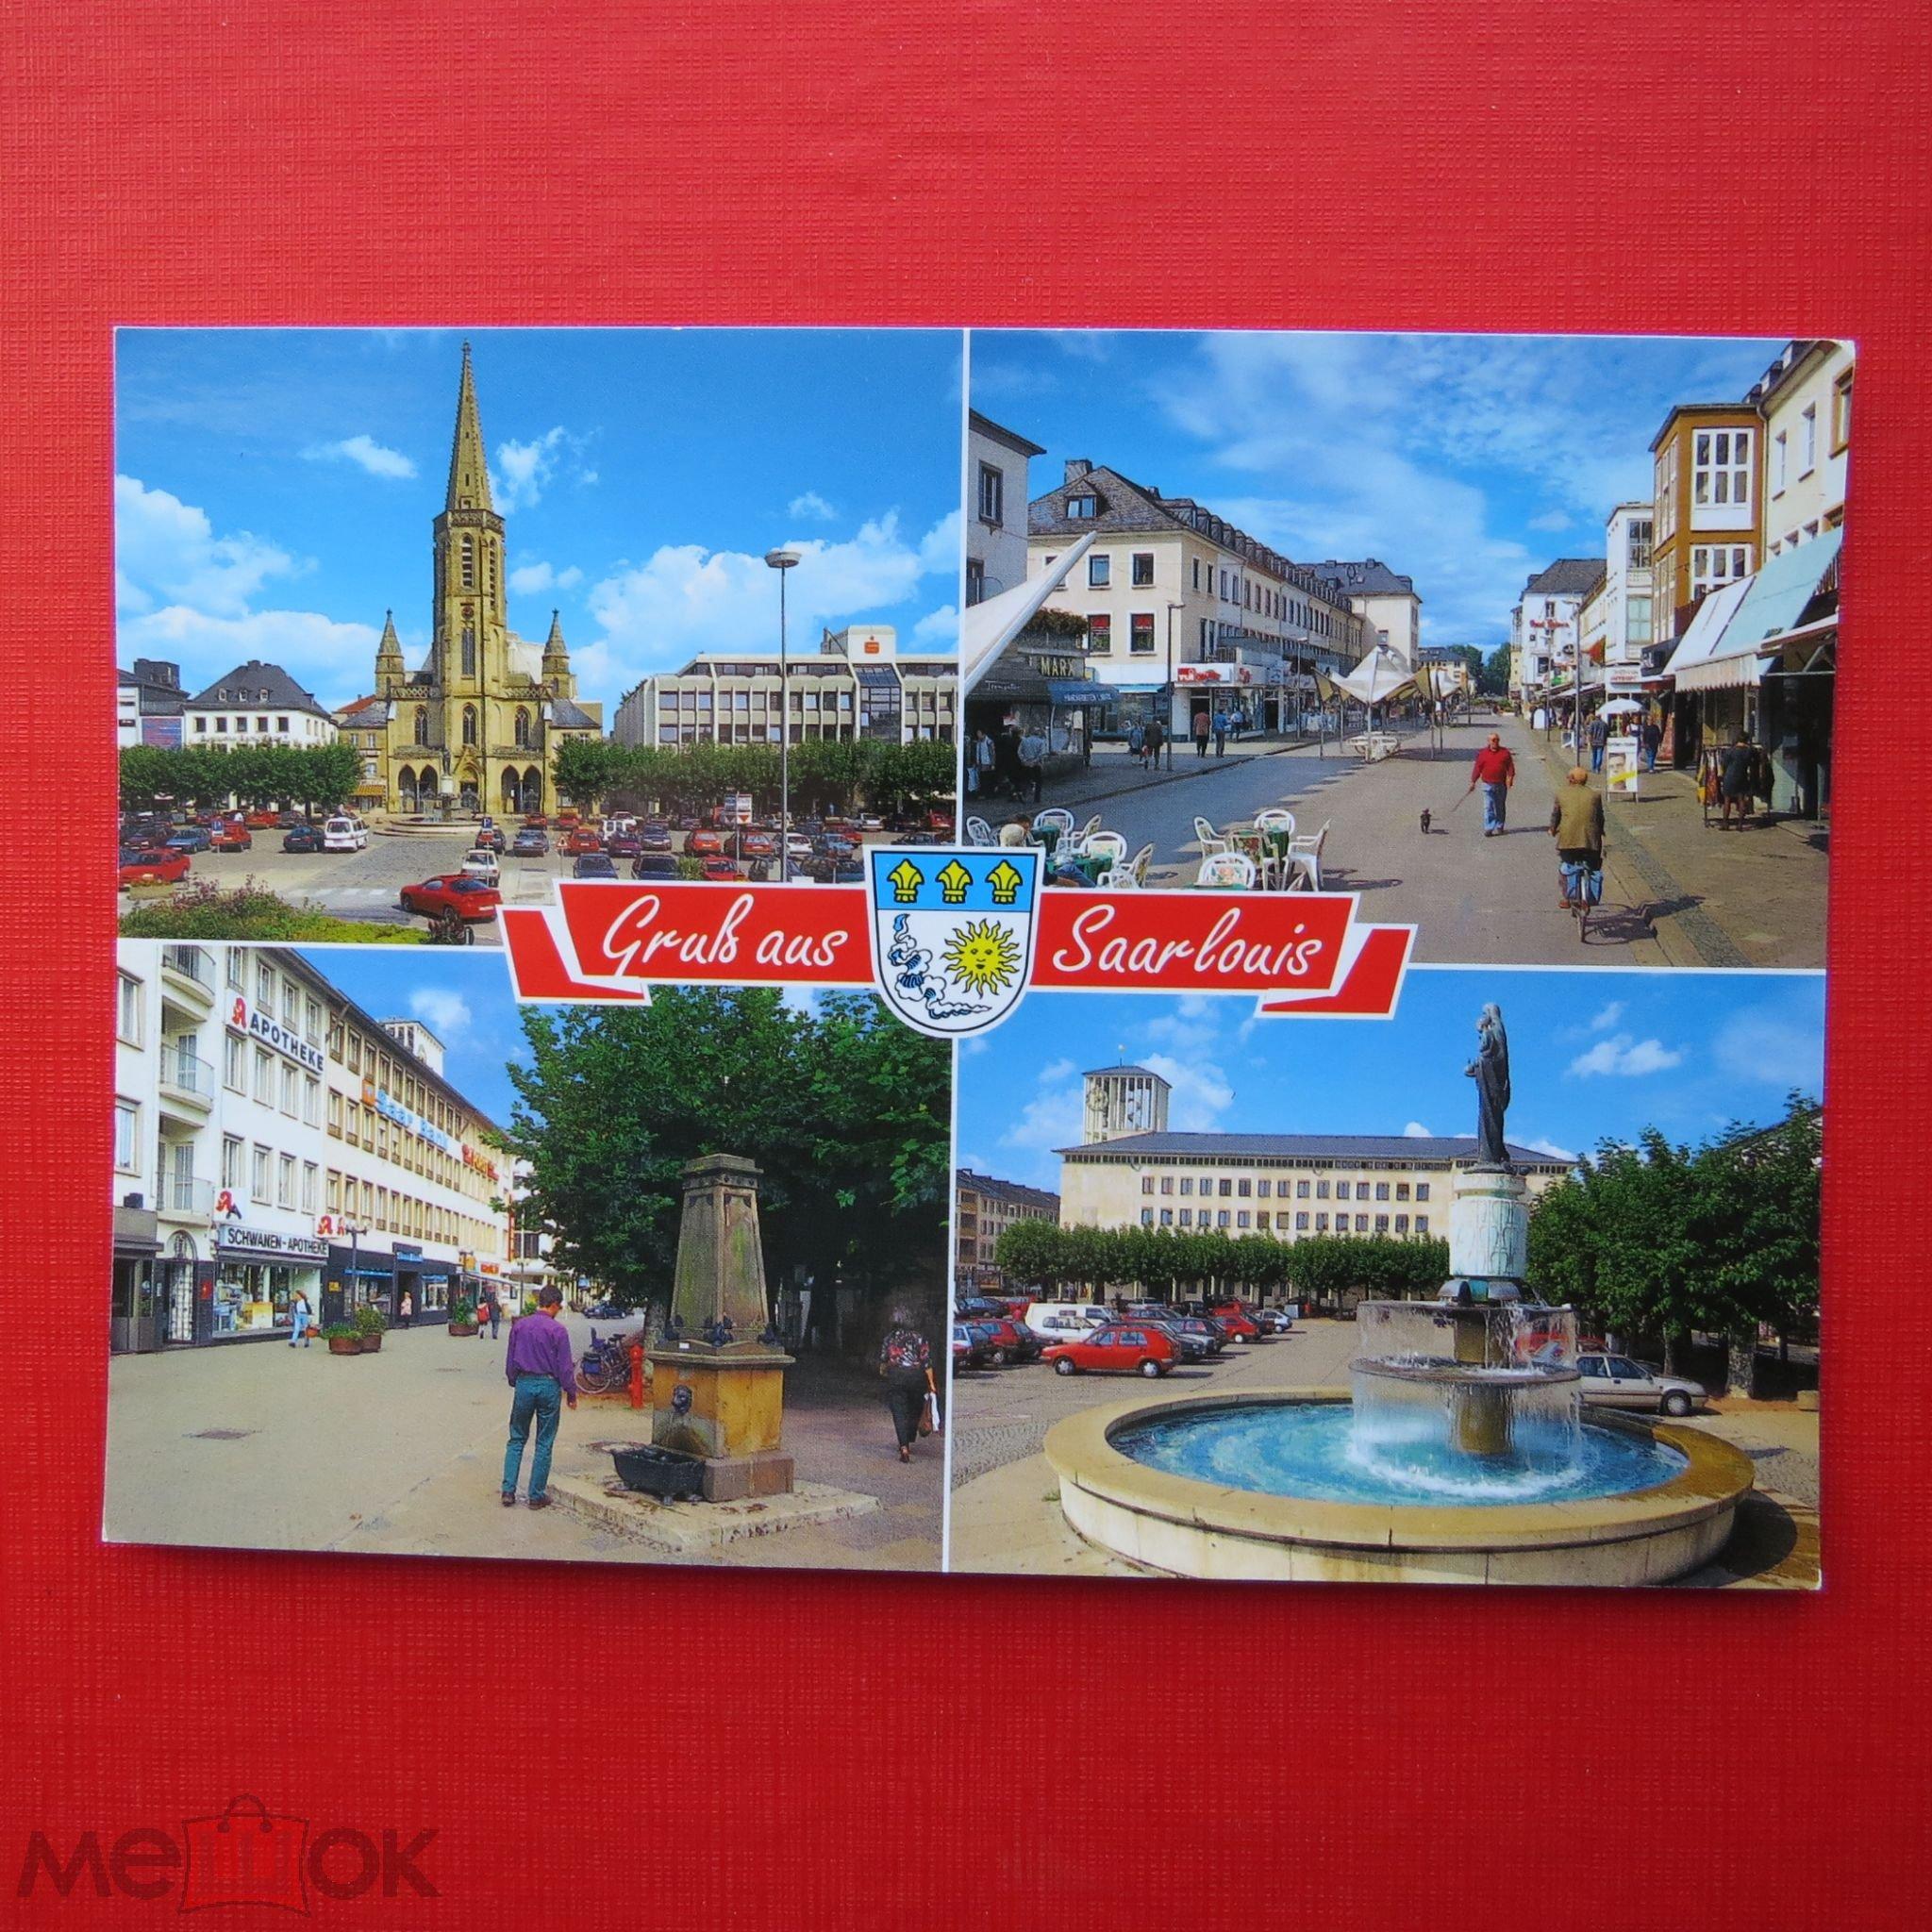 Улицы, открытка в германии